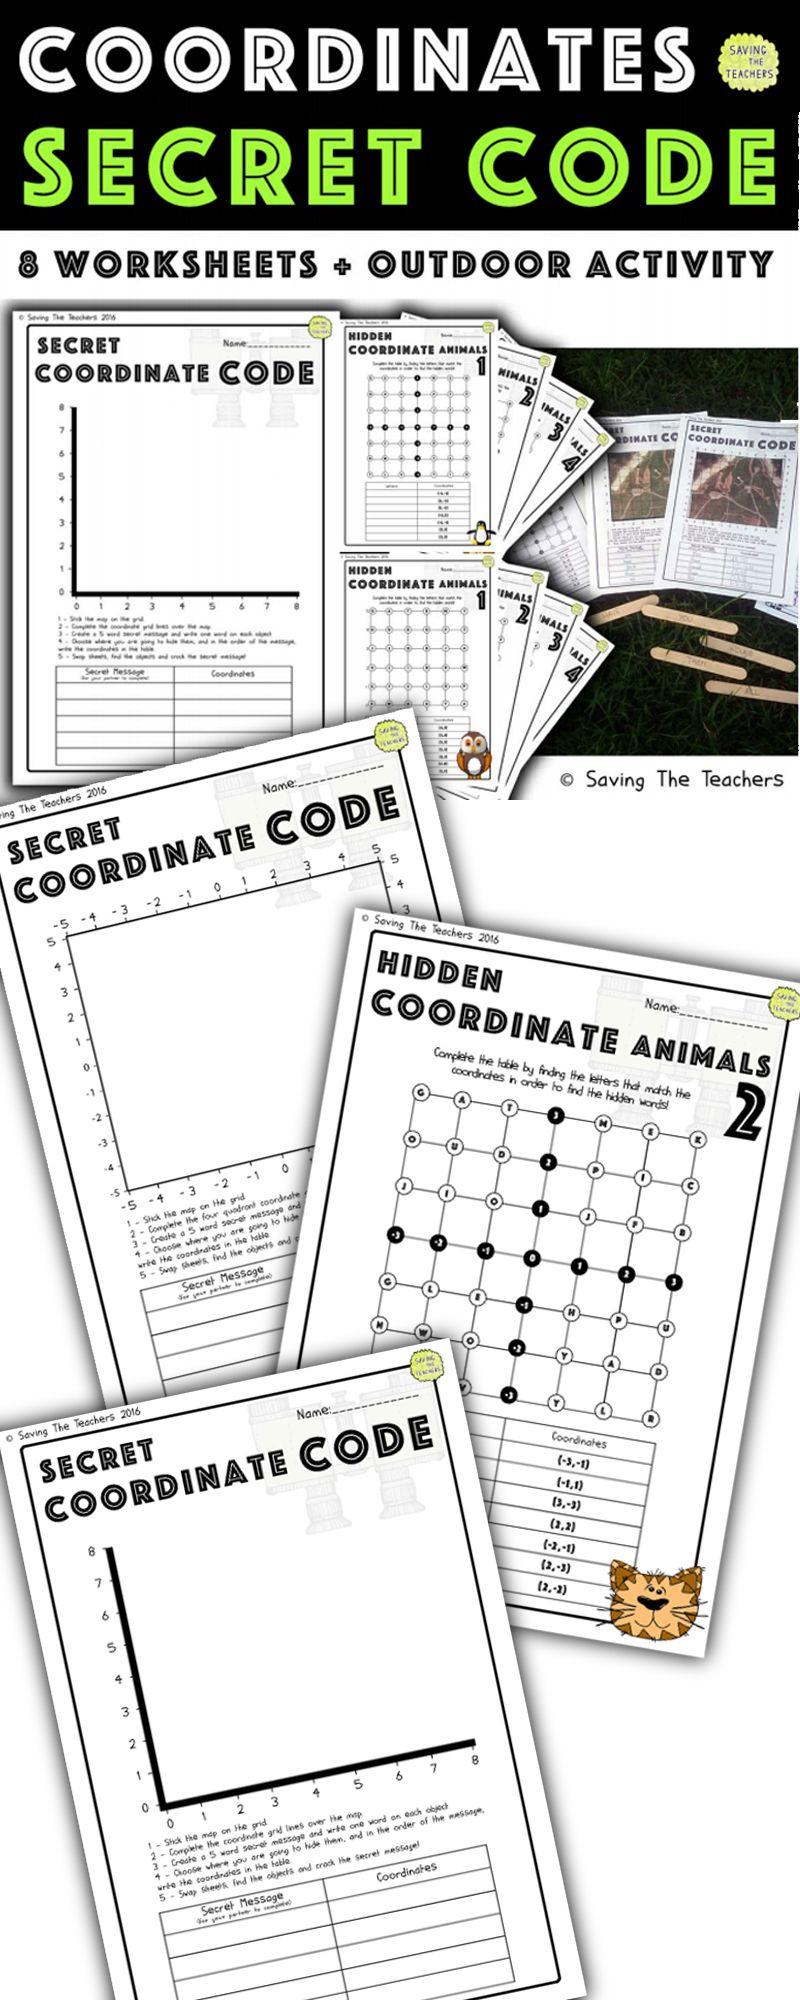 Coordinates Activities: Secret Code and Outdoor Activity | Secret ...